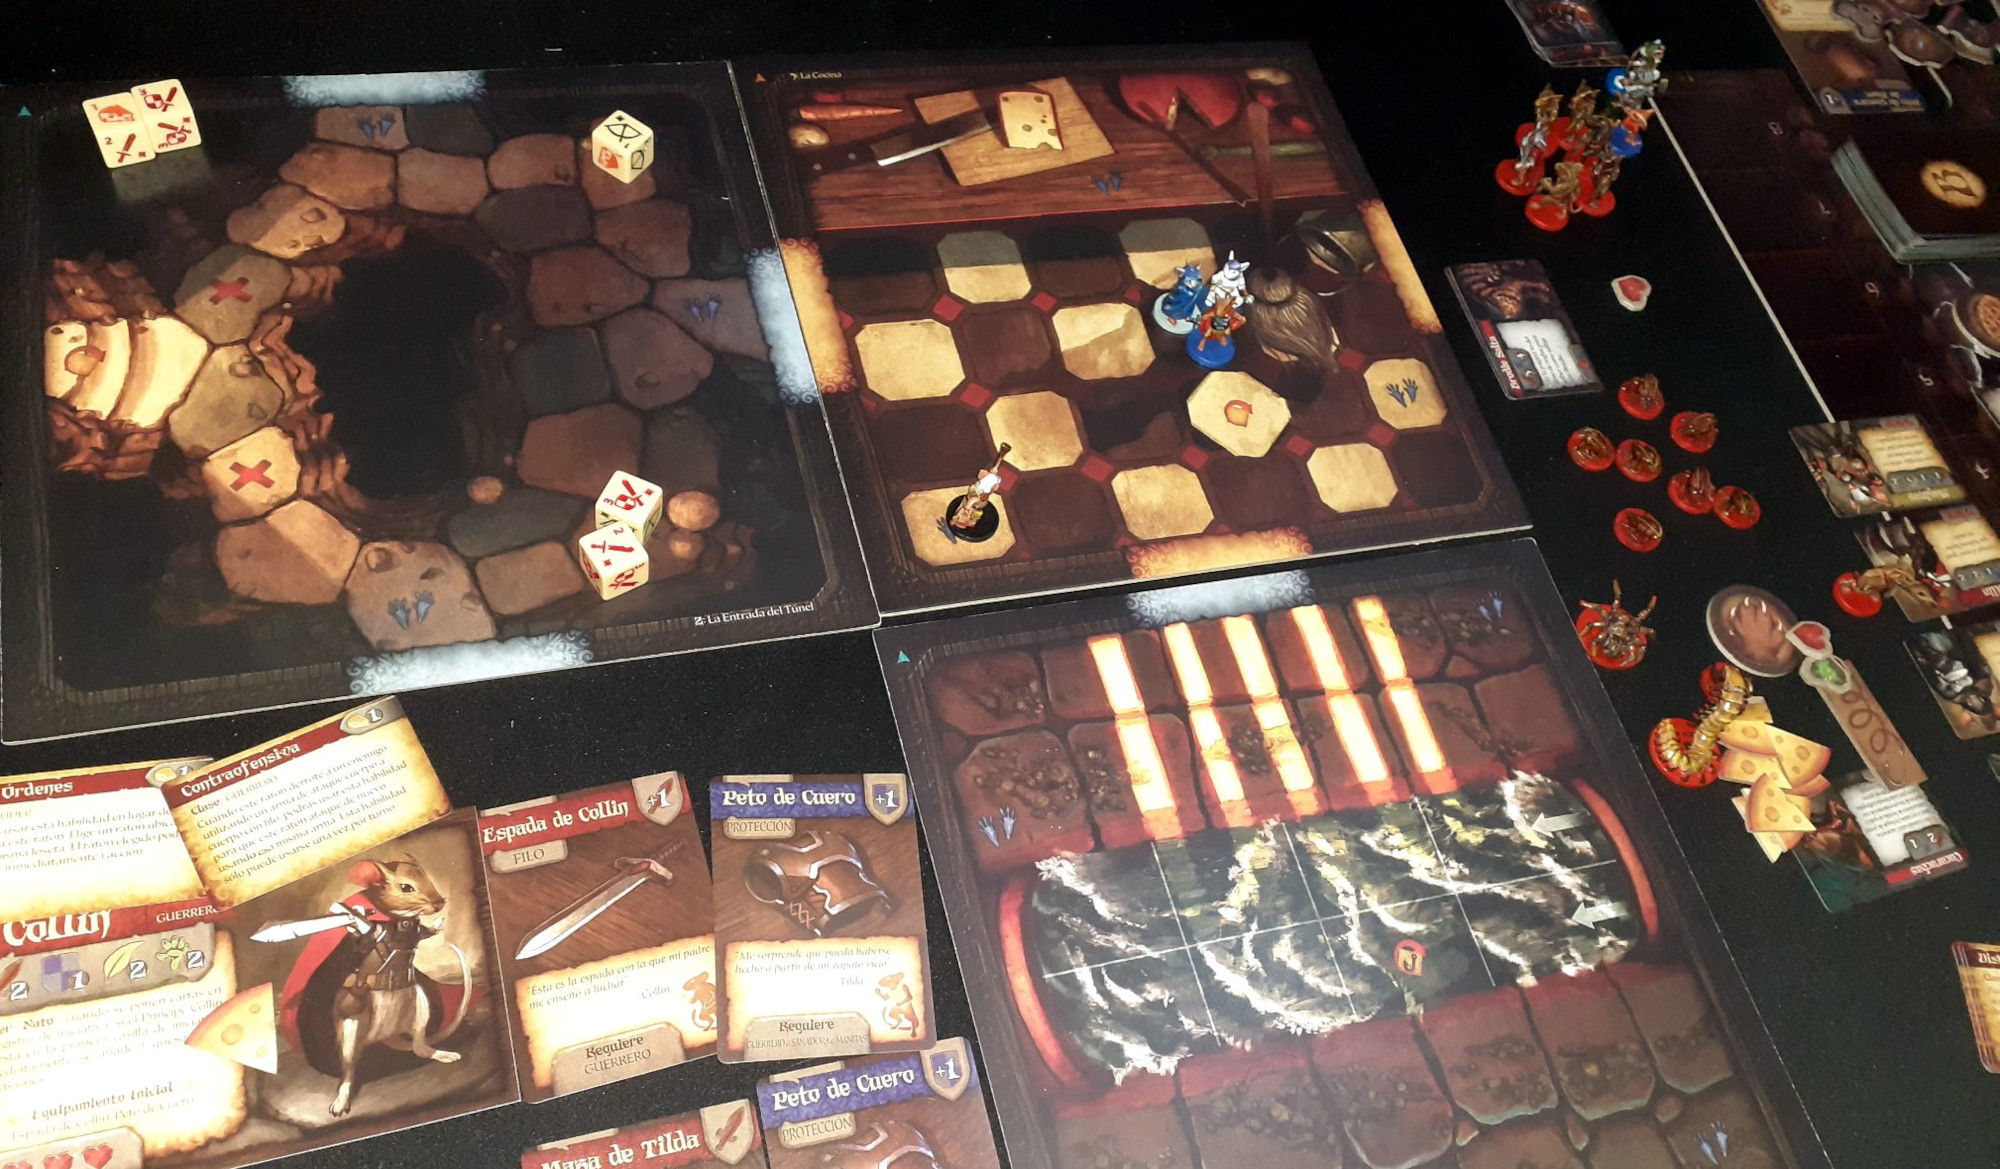 Juego de mesa De Ratones y Magia - partida en curso